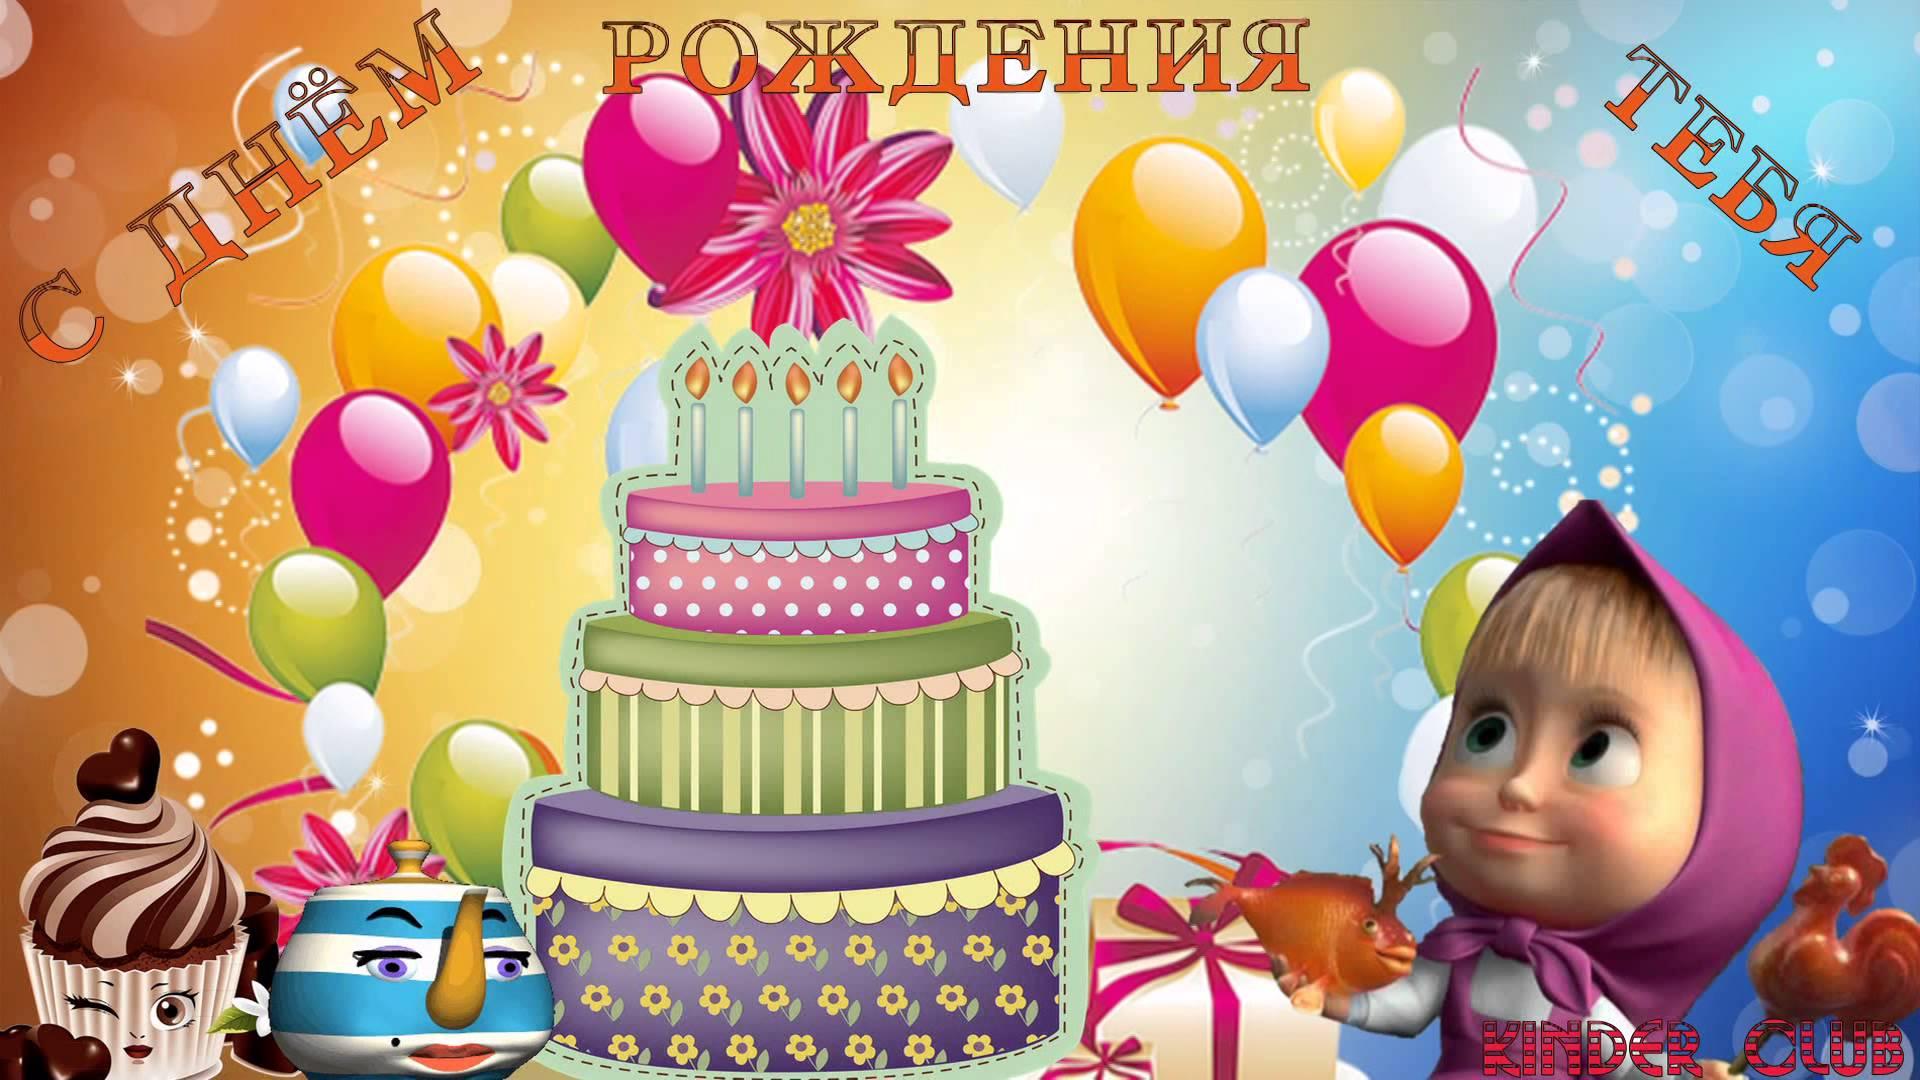 Создать онлайн поздравление с днем рождения детям, мир для